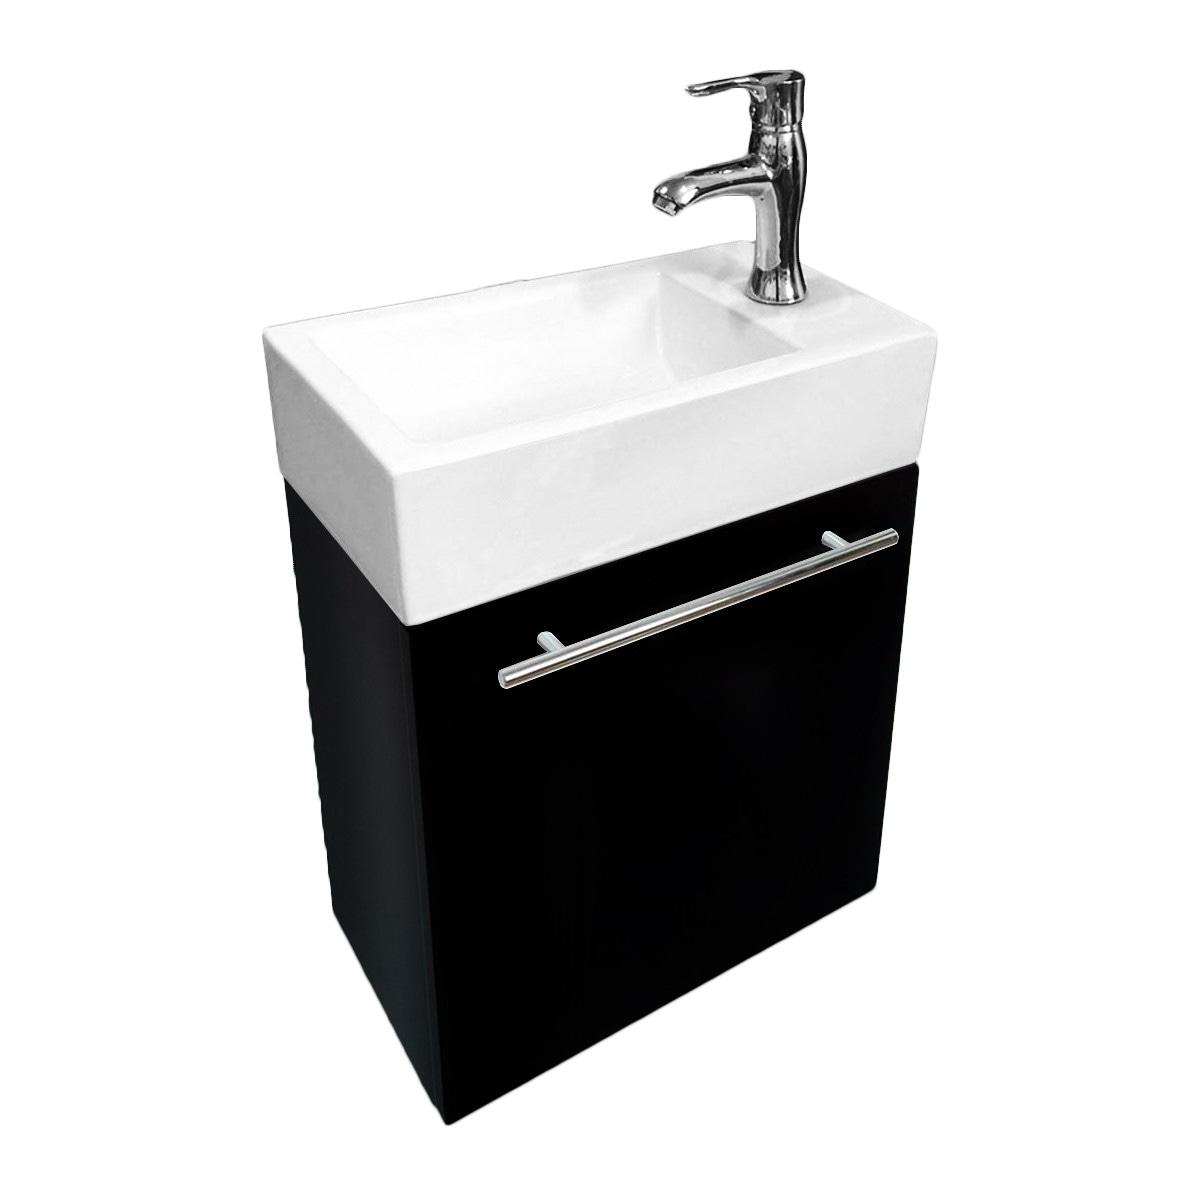 Renovators Supply Small Wall Mount Cabinet Vanity Bathroom Sink Overstock 14041155